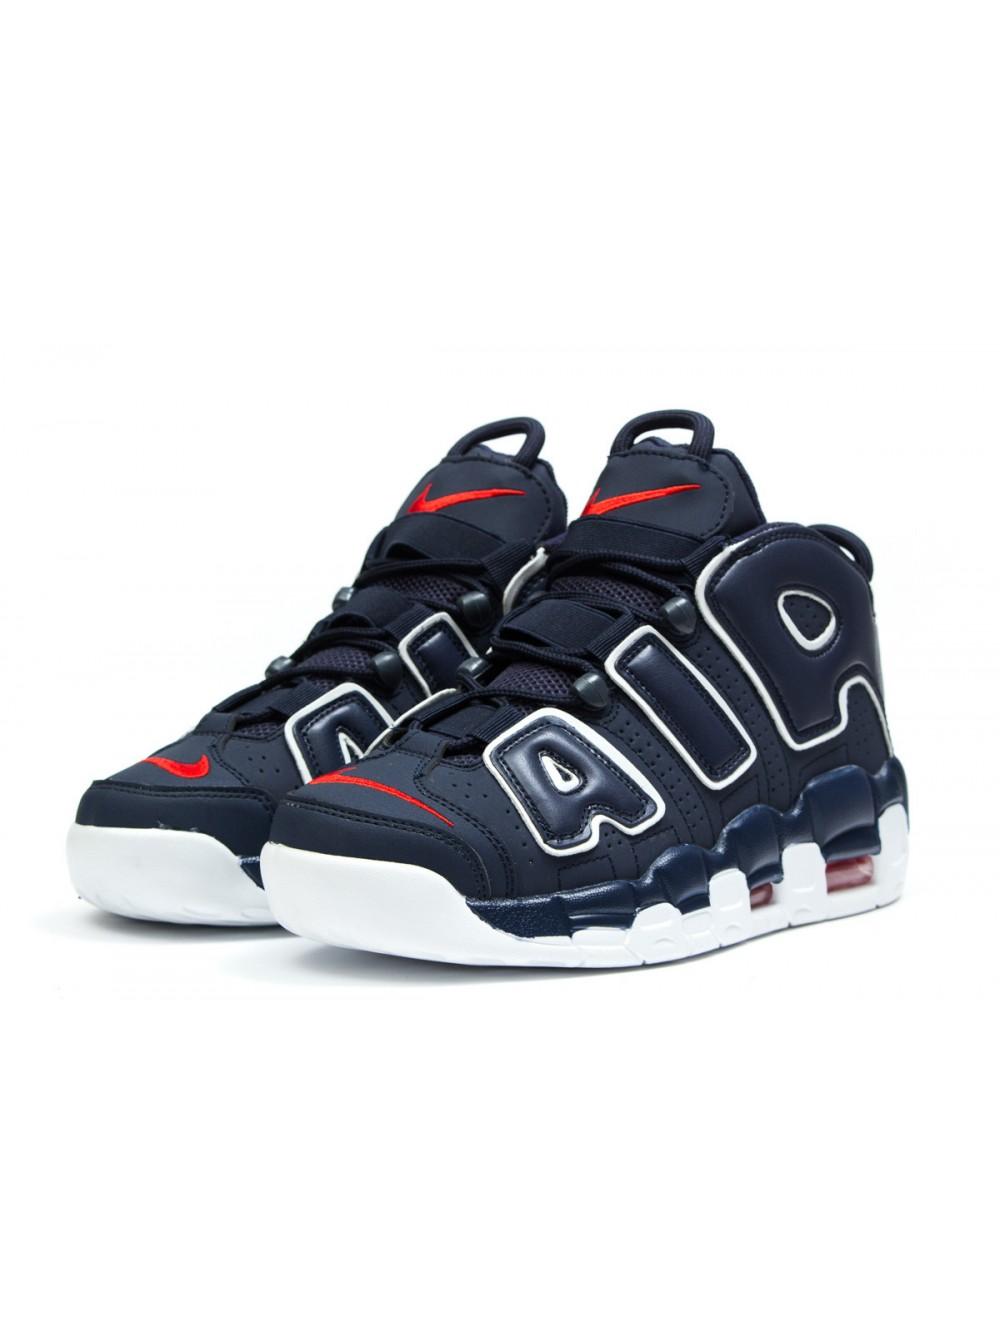 Мужские баскетбольные кроссовки Nike Air More Uptempo купить в Украине b93e4b577c987